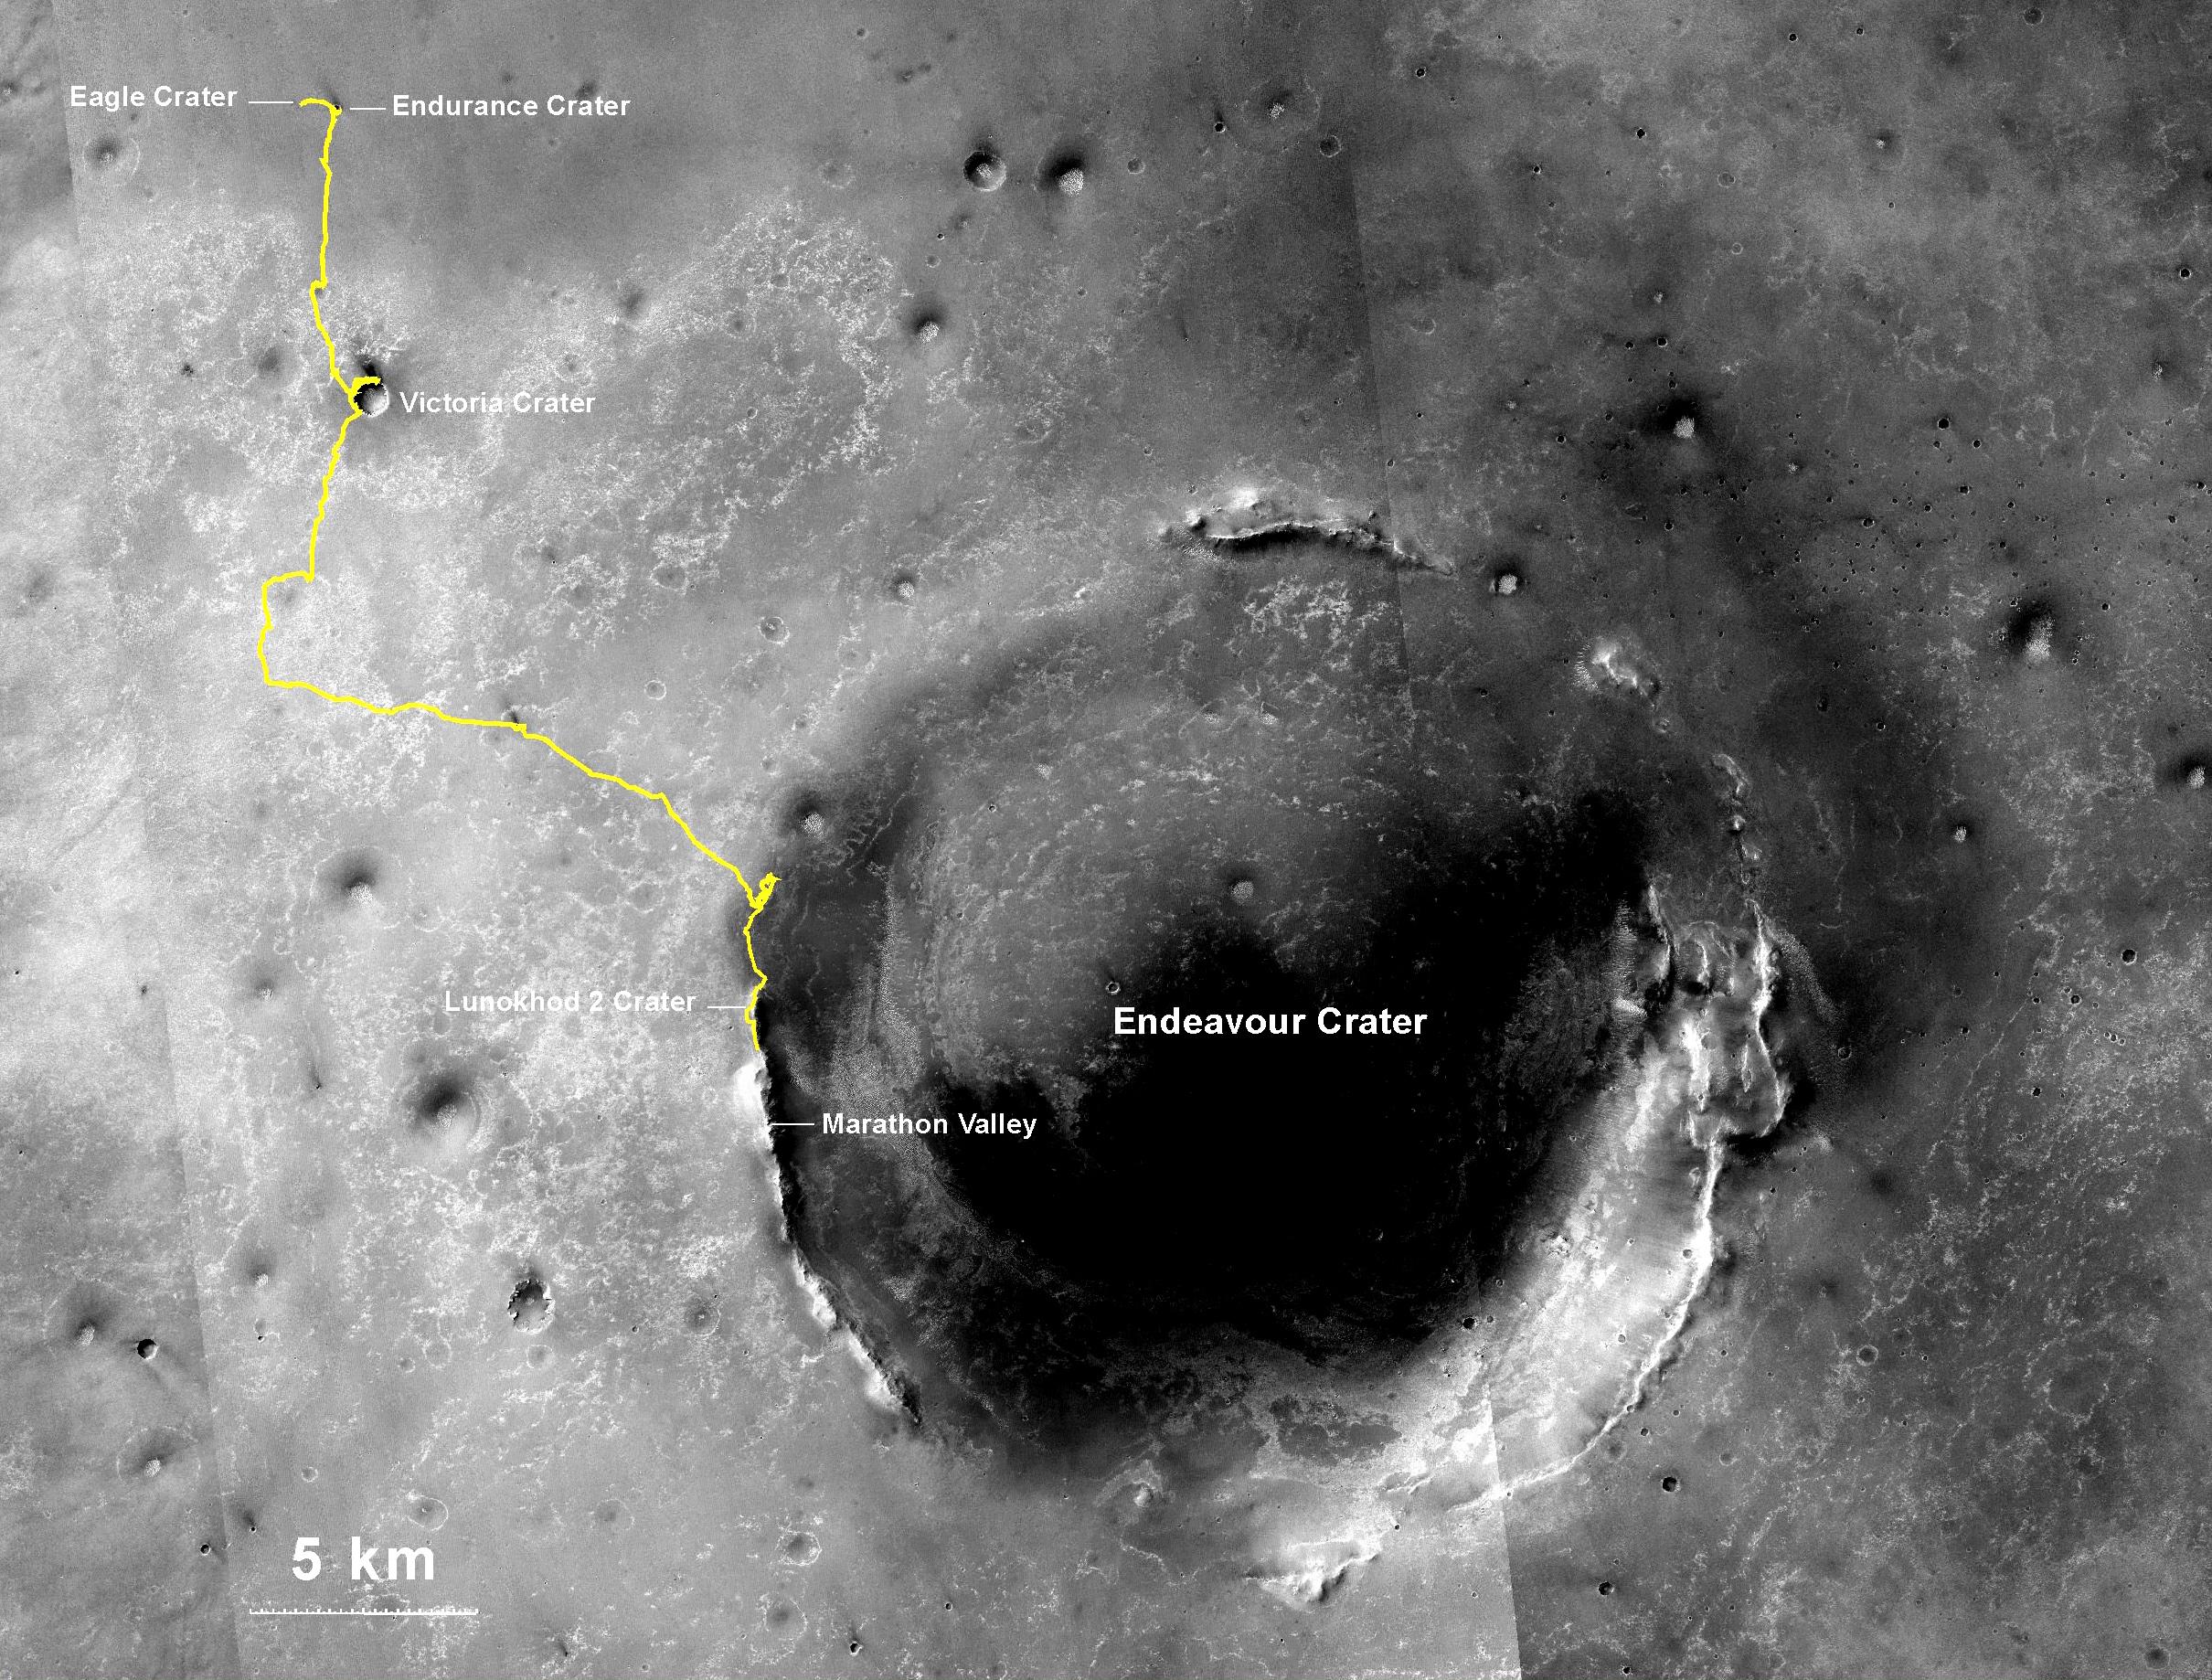 mars rover location - photo #8